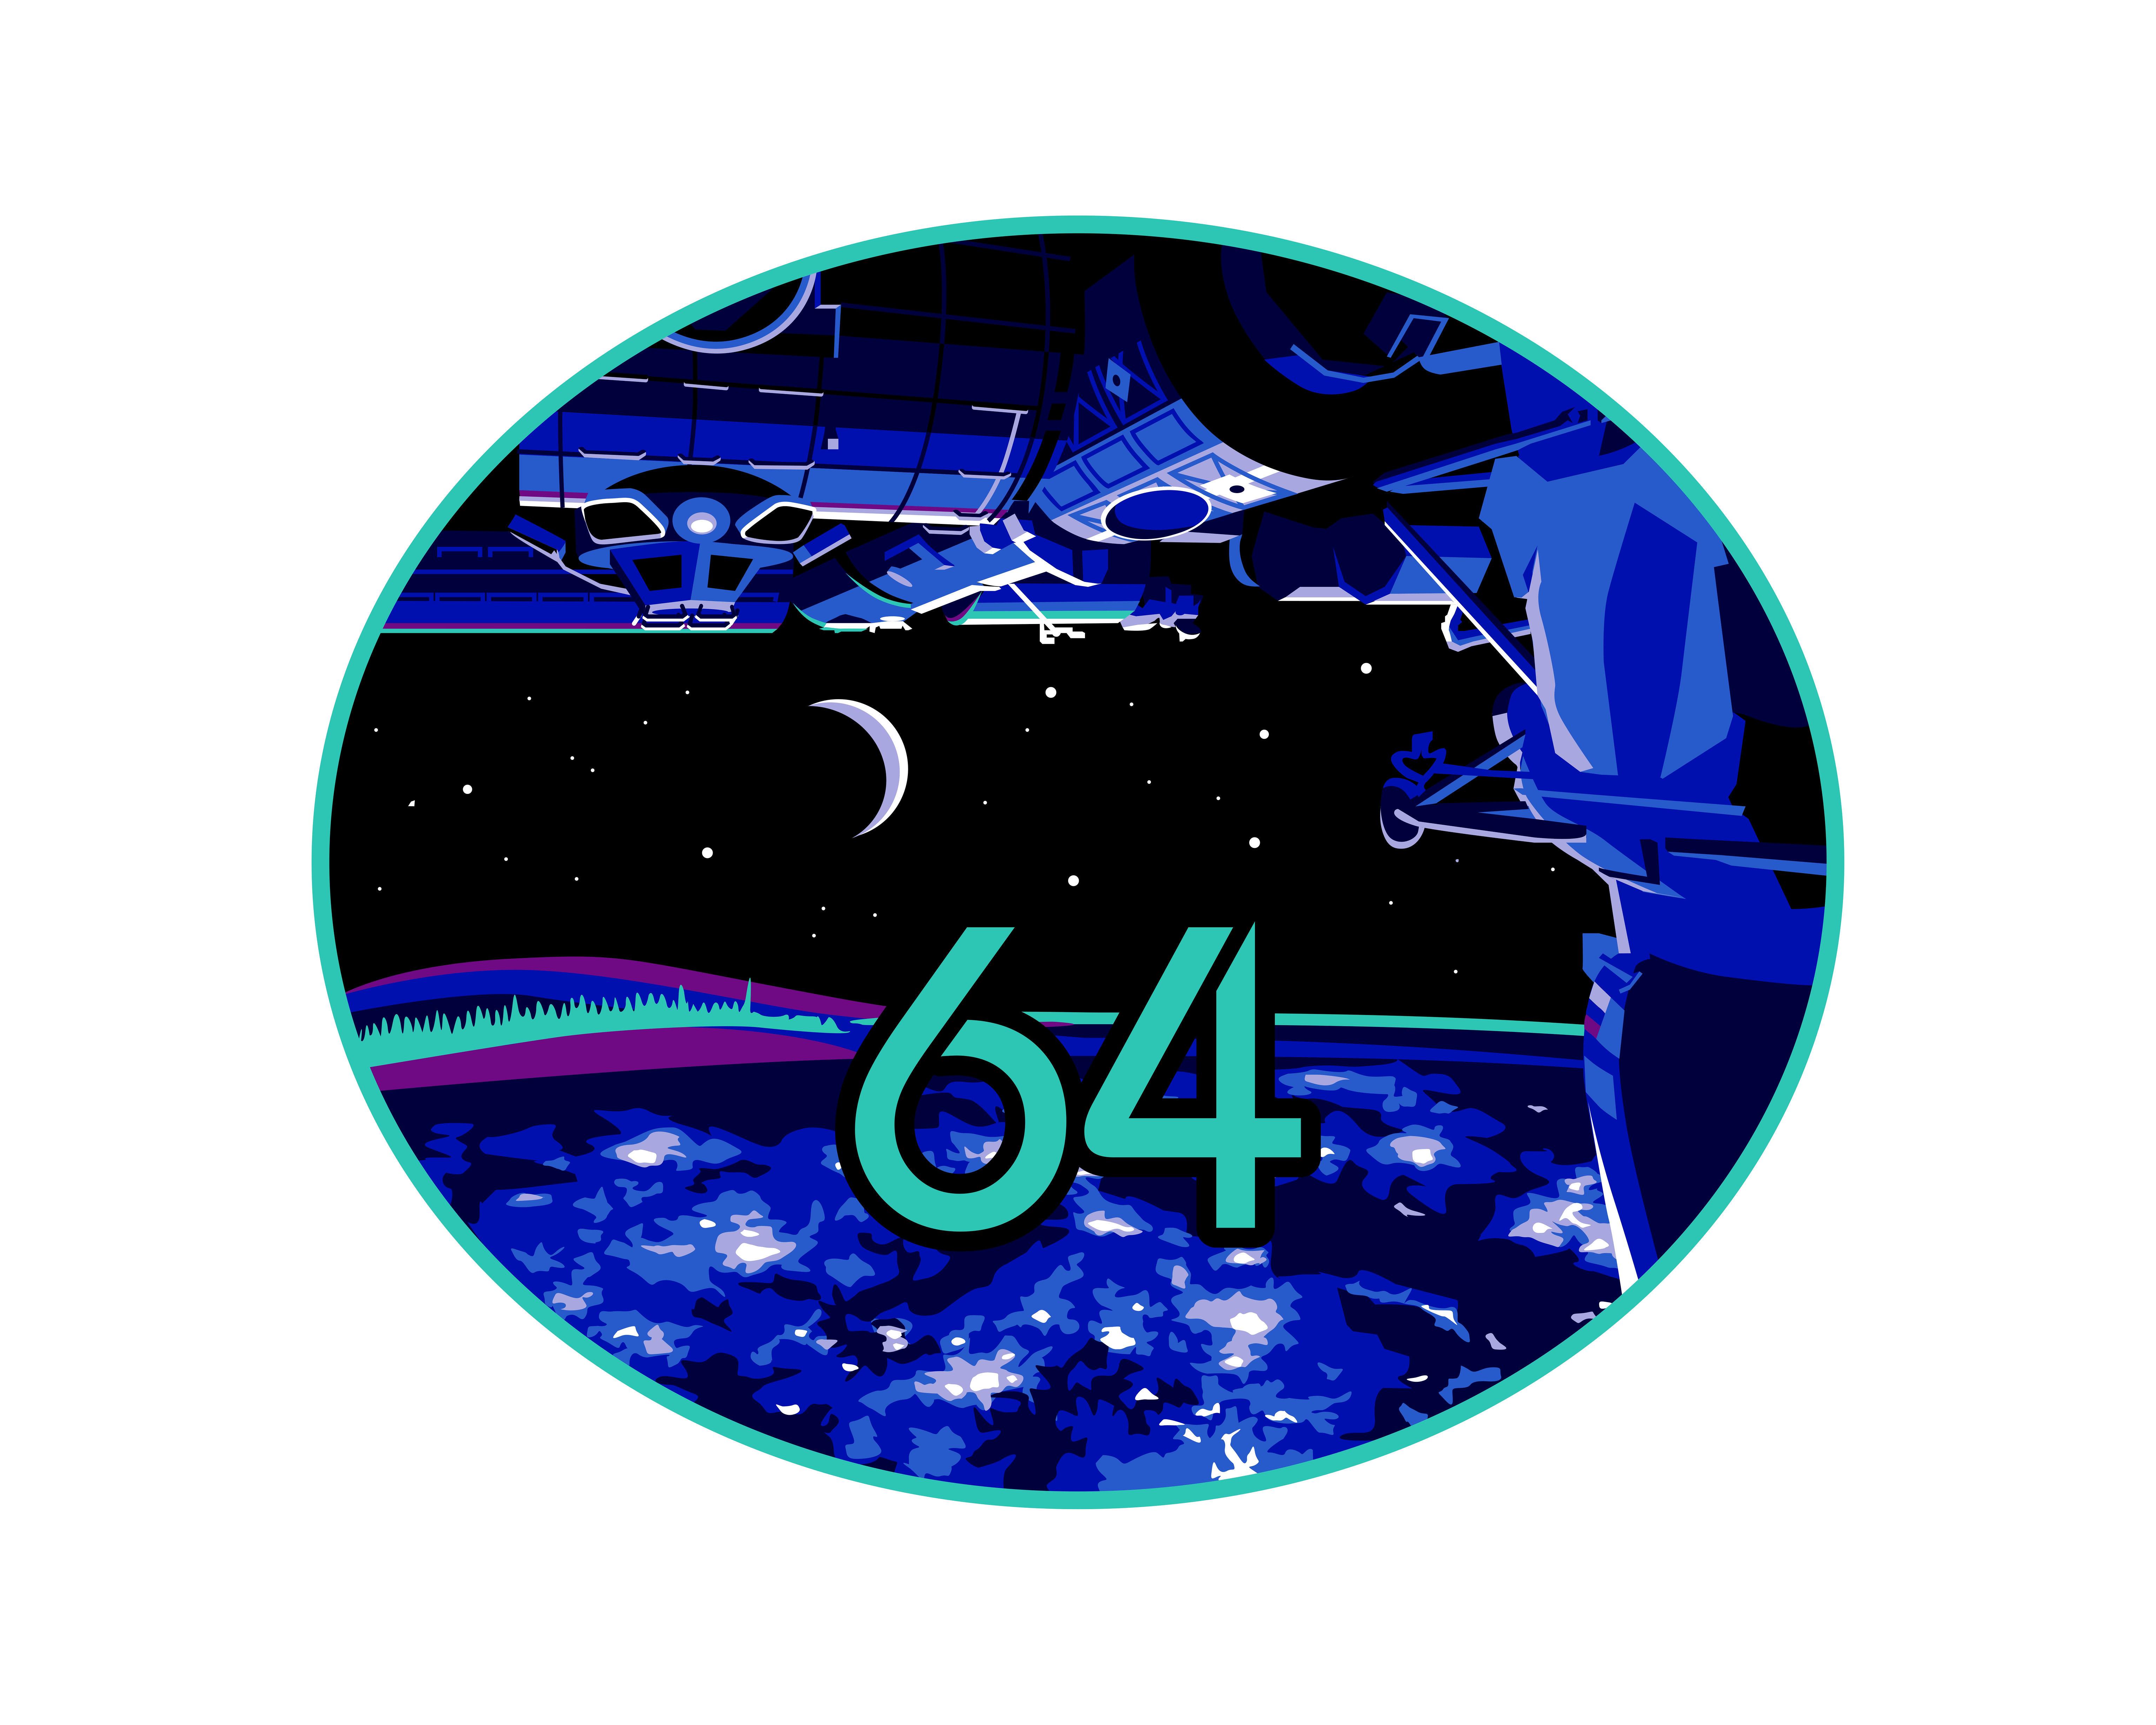 эмблема 64 миссии МКС( Рыжиков, Кудь-Сверчков, Рубинс)